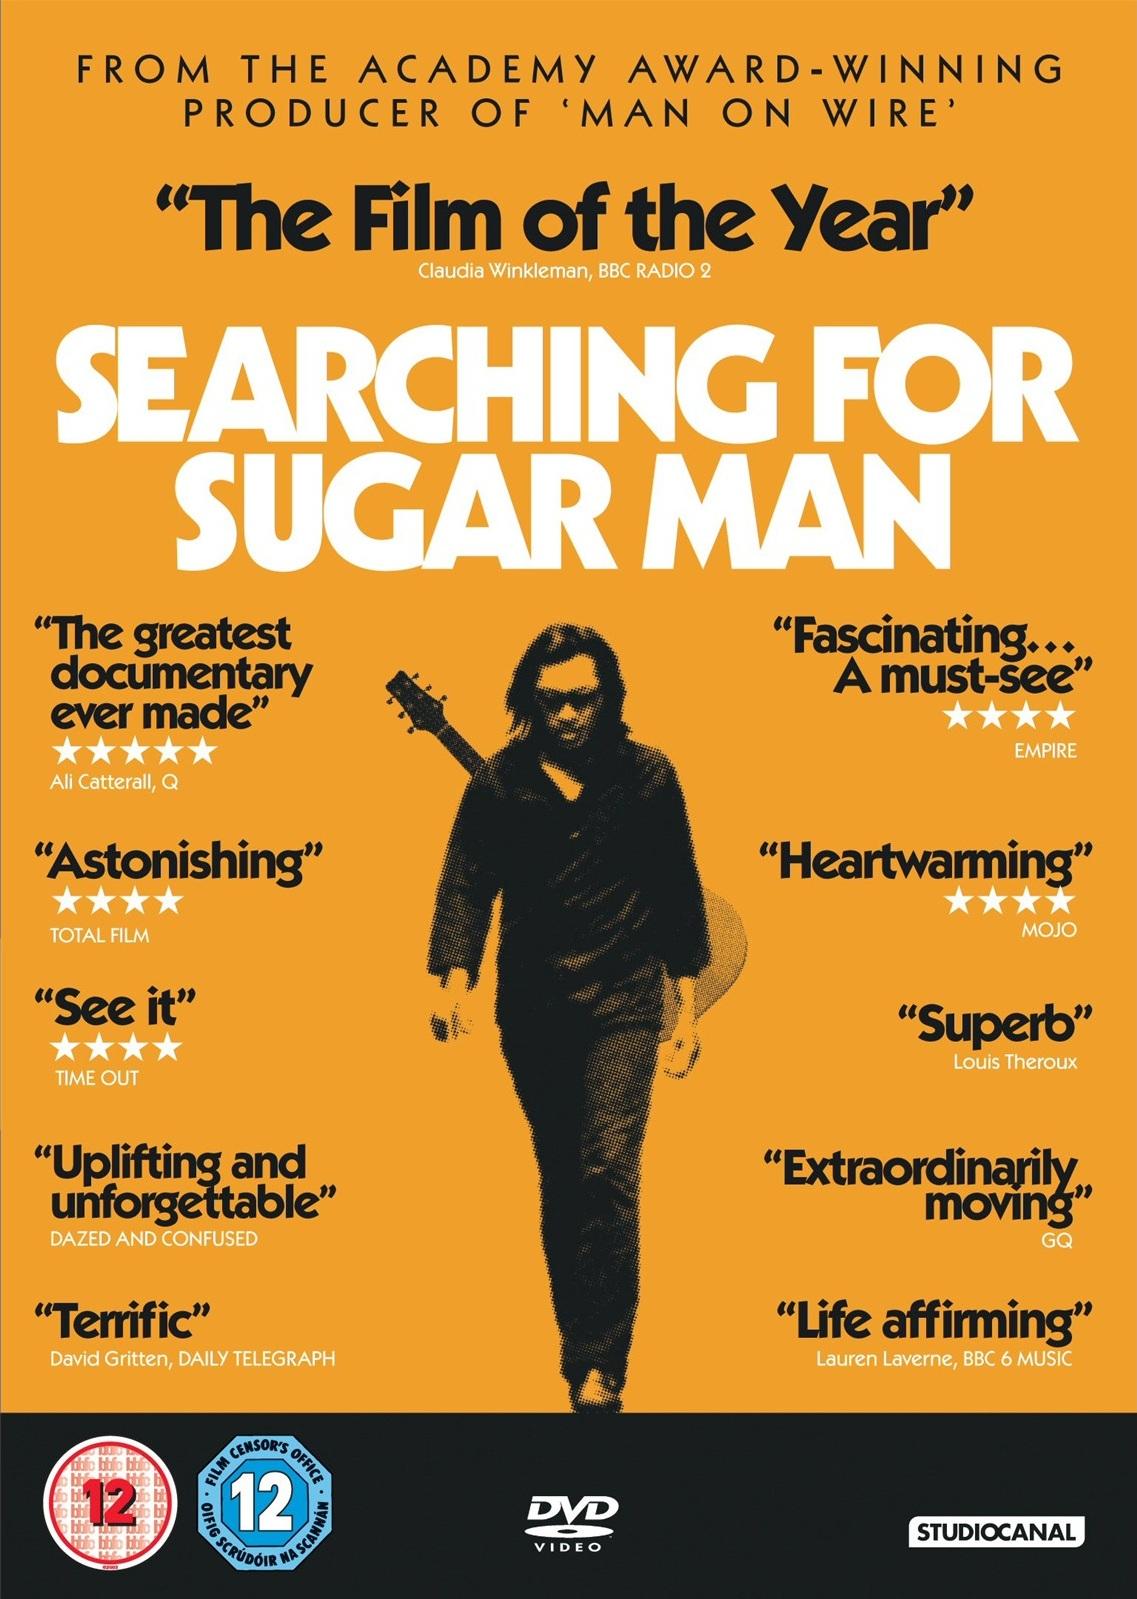 Spark 1 43 john player spl lotus 72d 5 winner spain 1972 world champ - Searching For Sugar Man 2012